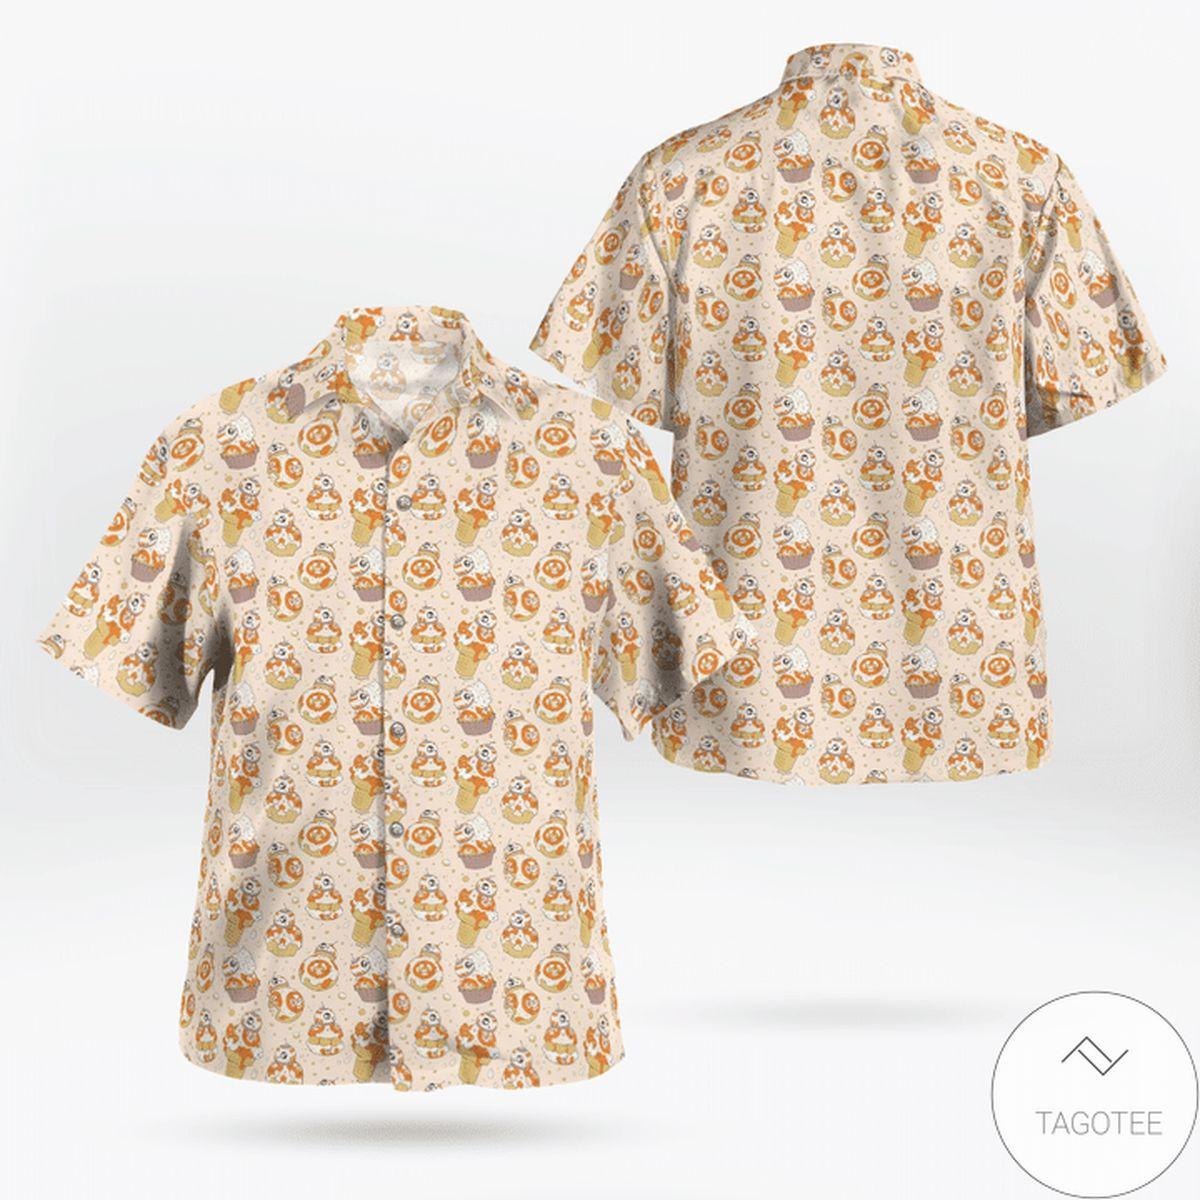 Star Wars Mini Pattern Printed Hawaiian Shirt